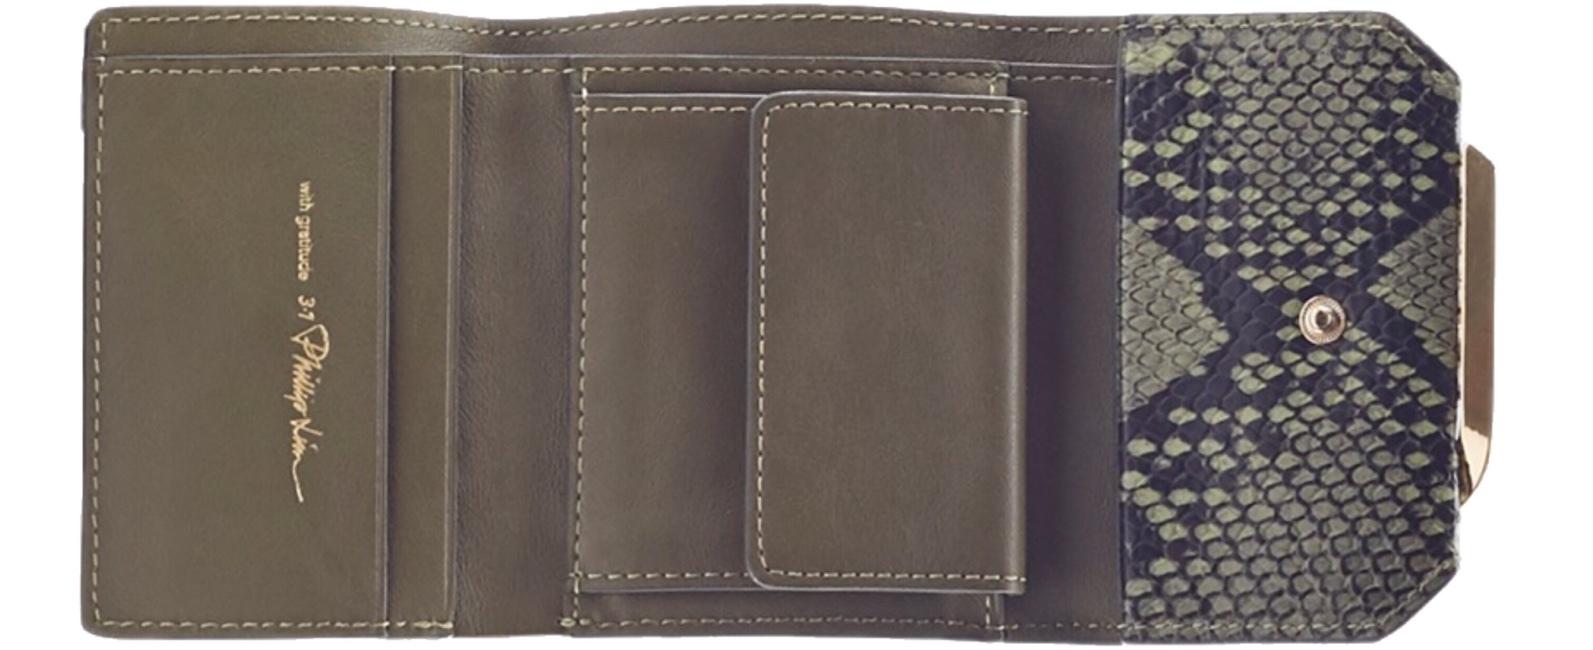 3.1 フィリップ リム 財布